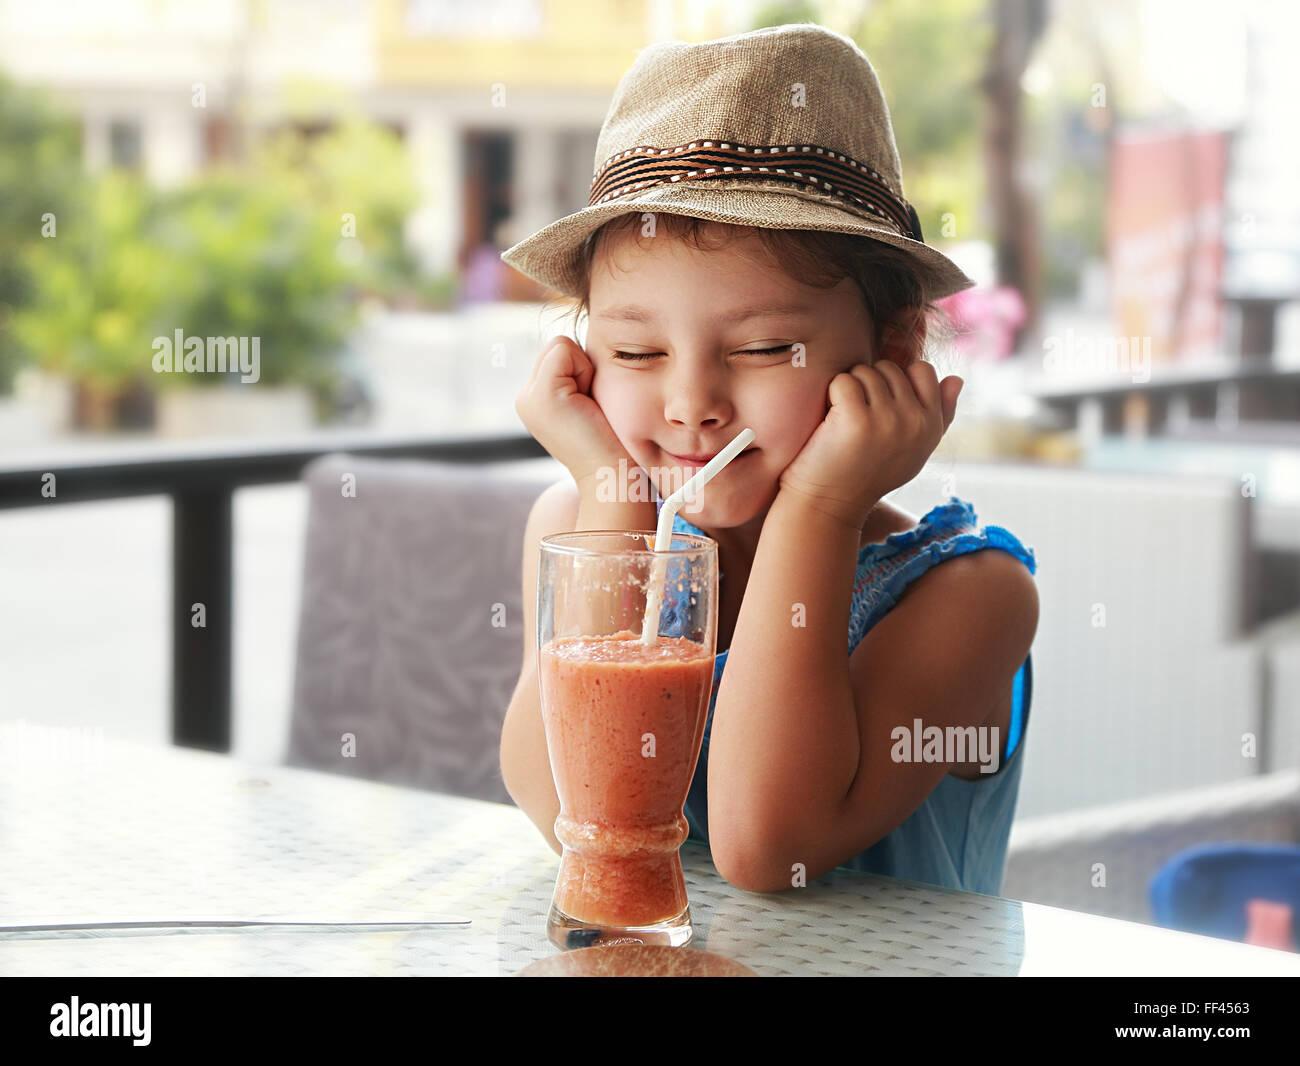 Fun kid girl hat en vissant les yeux et attend le moment pour boire le jus délicieux smoothie sur fond d'été Photo Stock